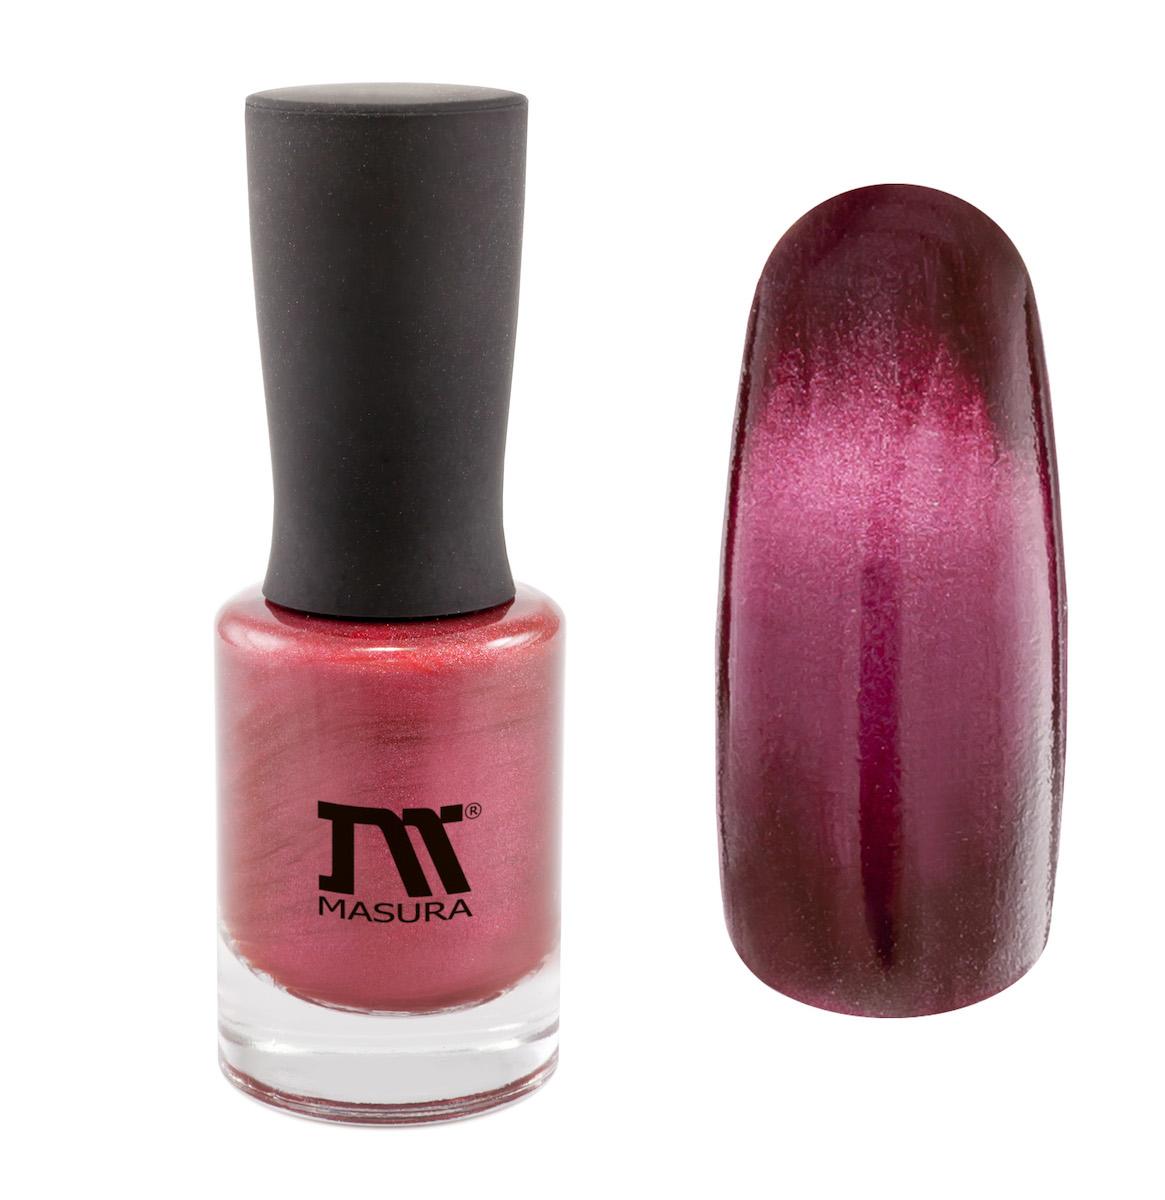 Masura Лак для ногтей Родонит Успеха, 11 млSC-FM20104глубокий вишневый, с розовым подтоном, плотный